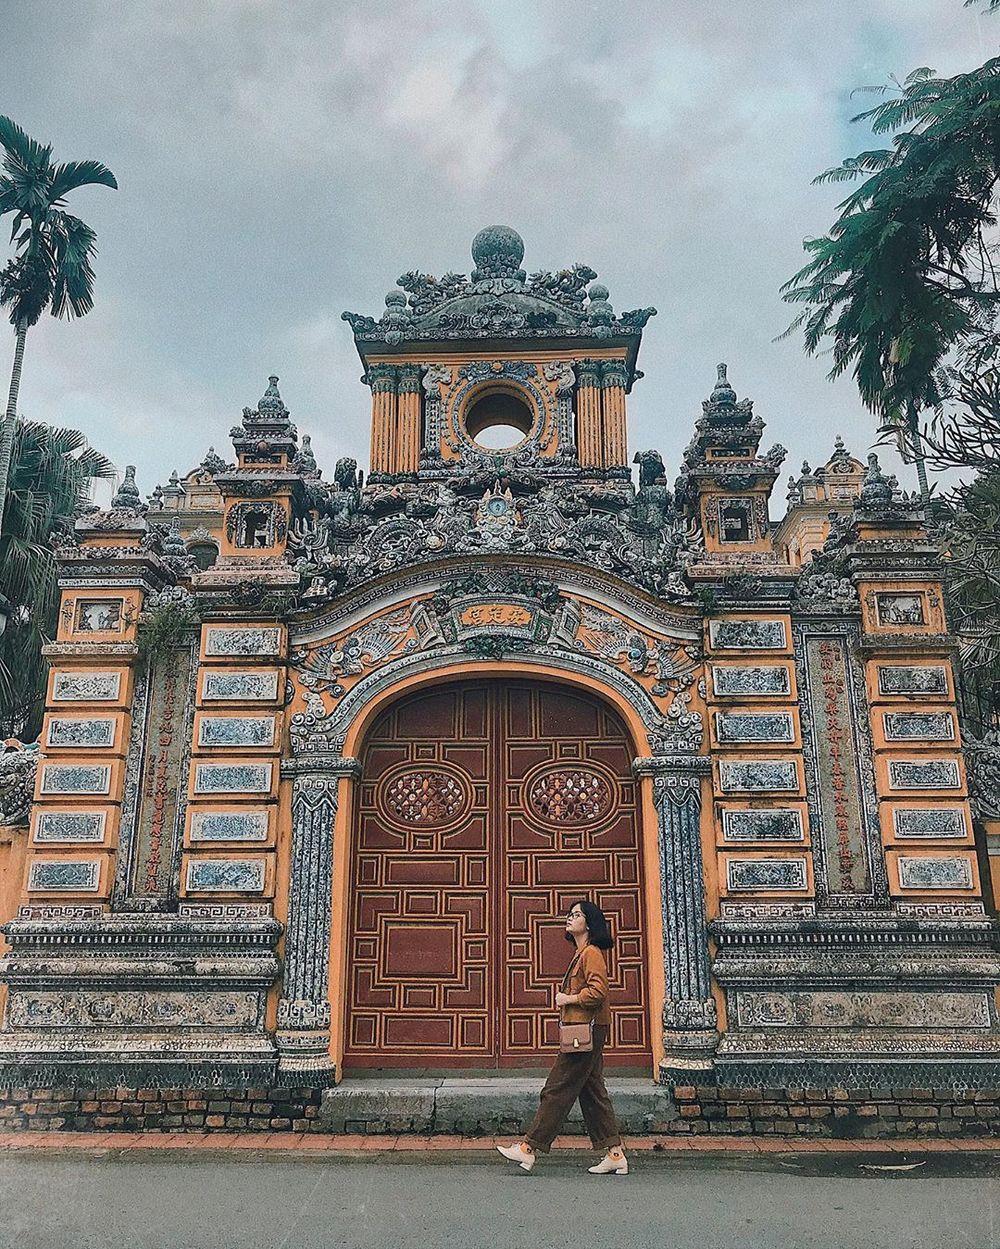 Bên ngoài cổng cung An Định trở thành bức tường chụp ảnh khá lý tưởng nếu các bạn trẻ ăn mặc cùng tông màu.